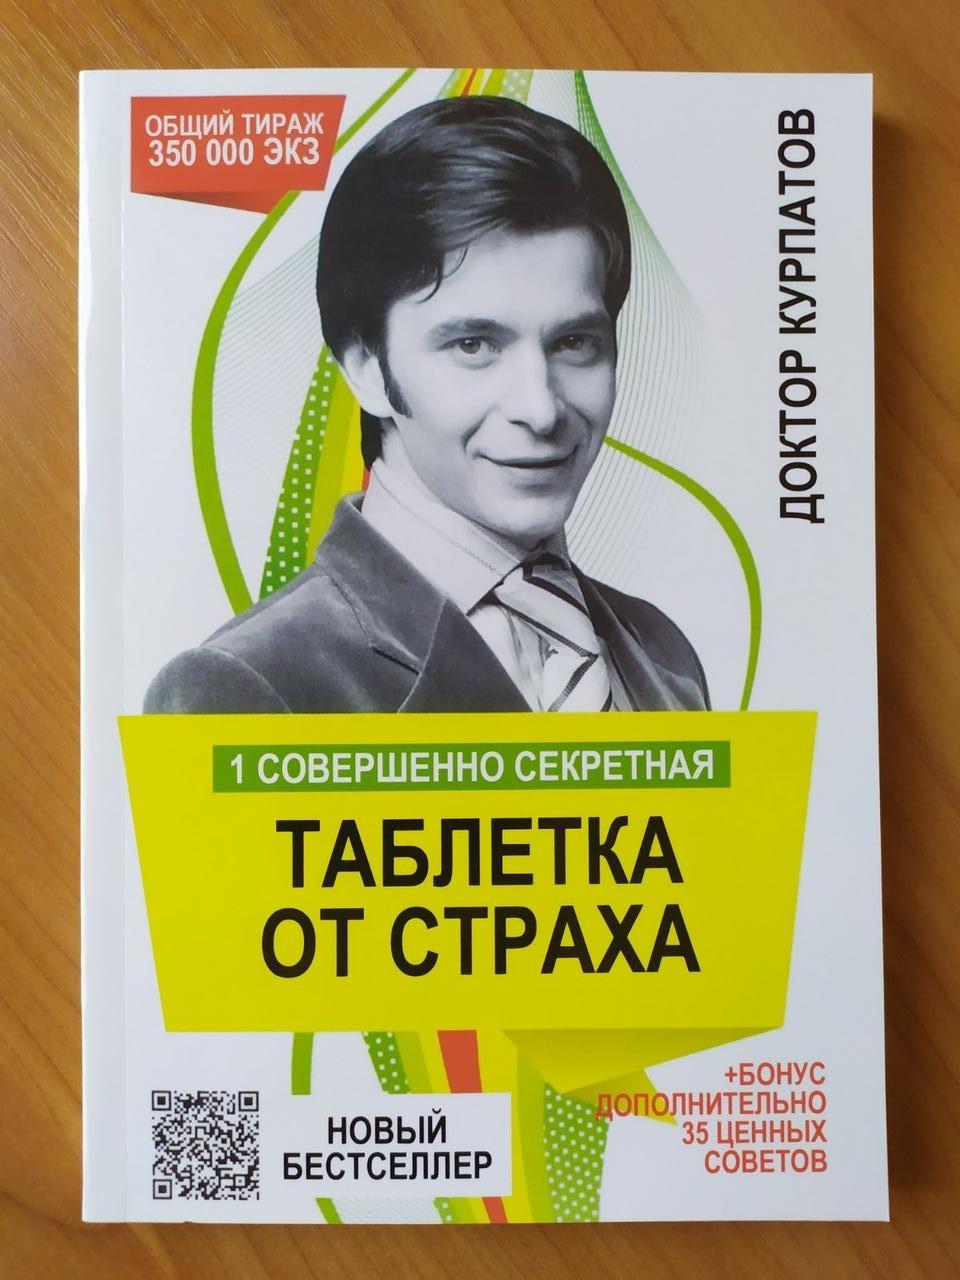 Андрей Курпатов. 1 совершенно секретная таблетка от страха